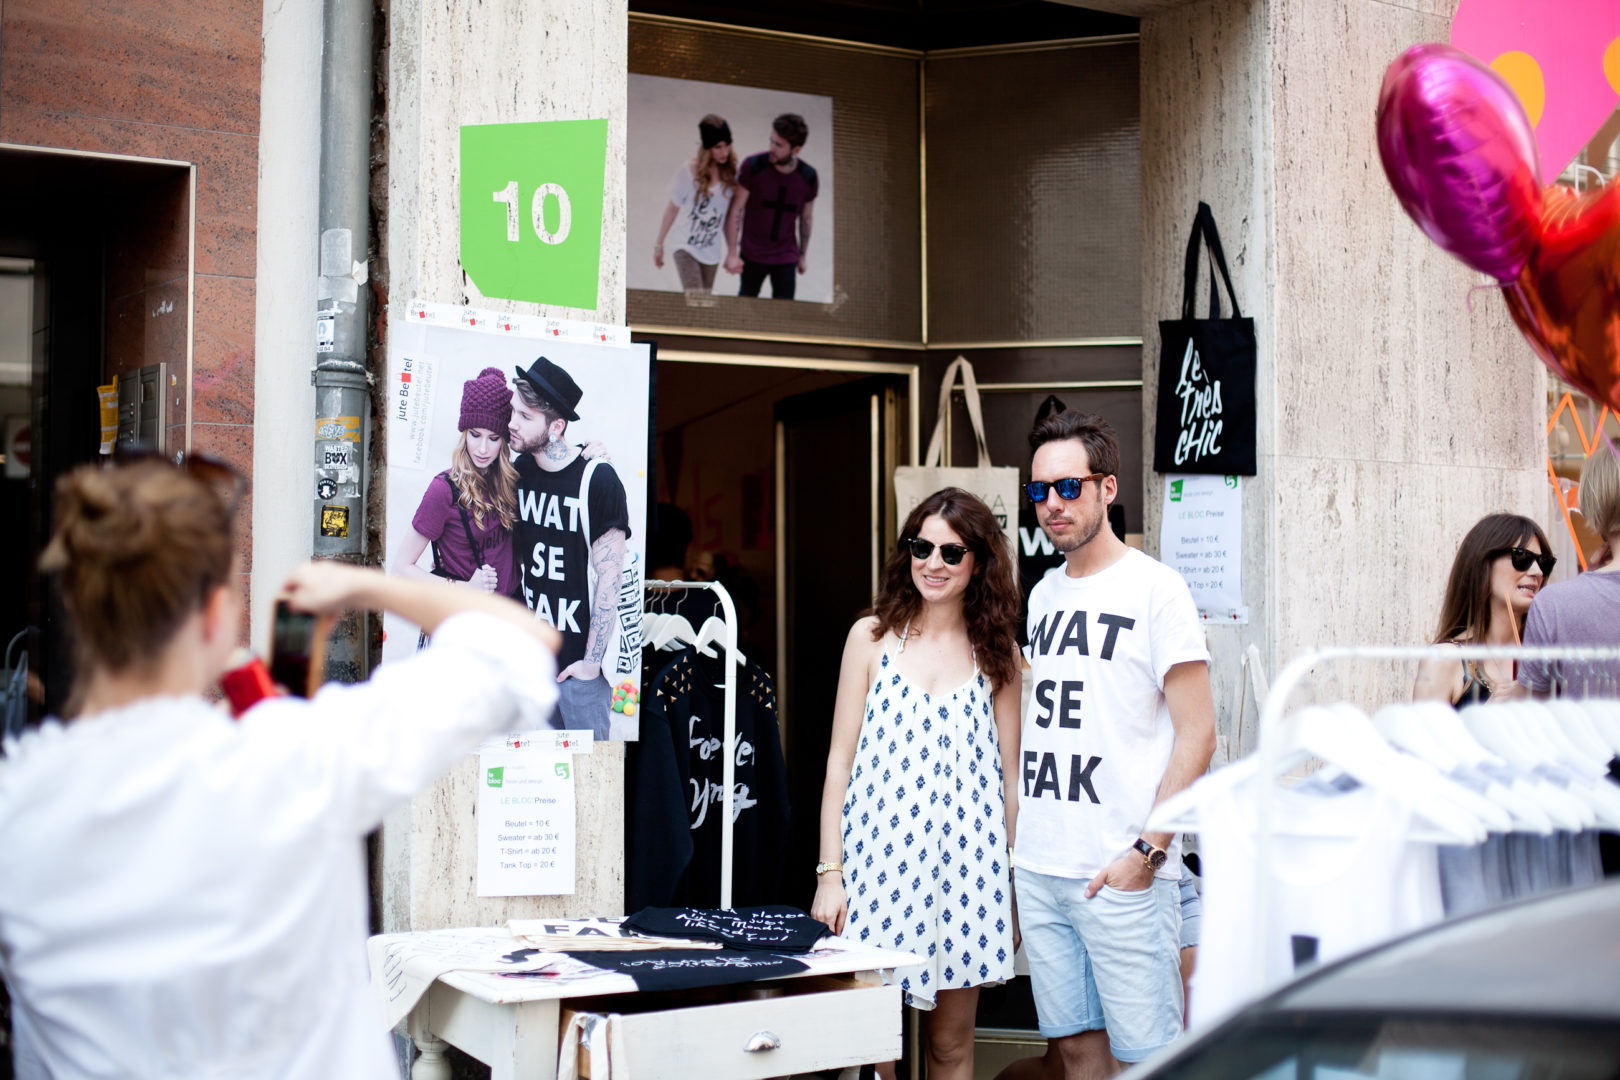 0122.0539_Modefestival (c) lebloc Stadtrevue Verlag GmbH _ Taimas Ahangari